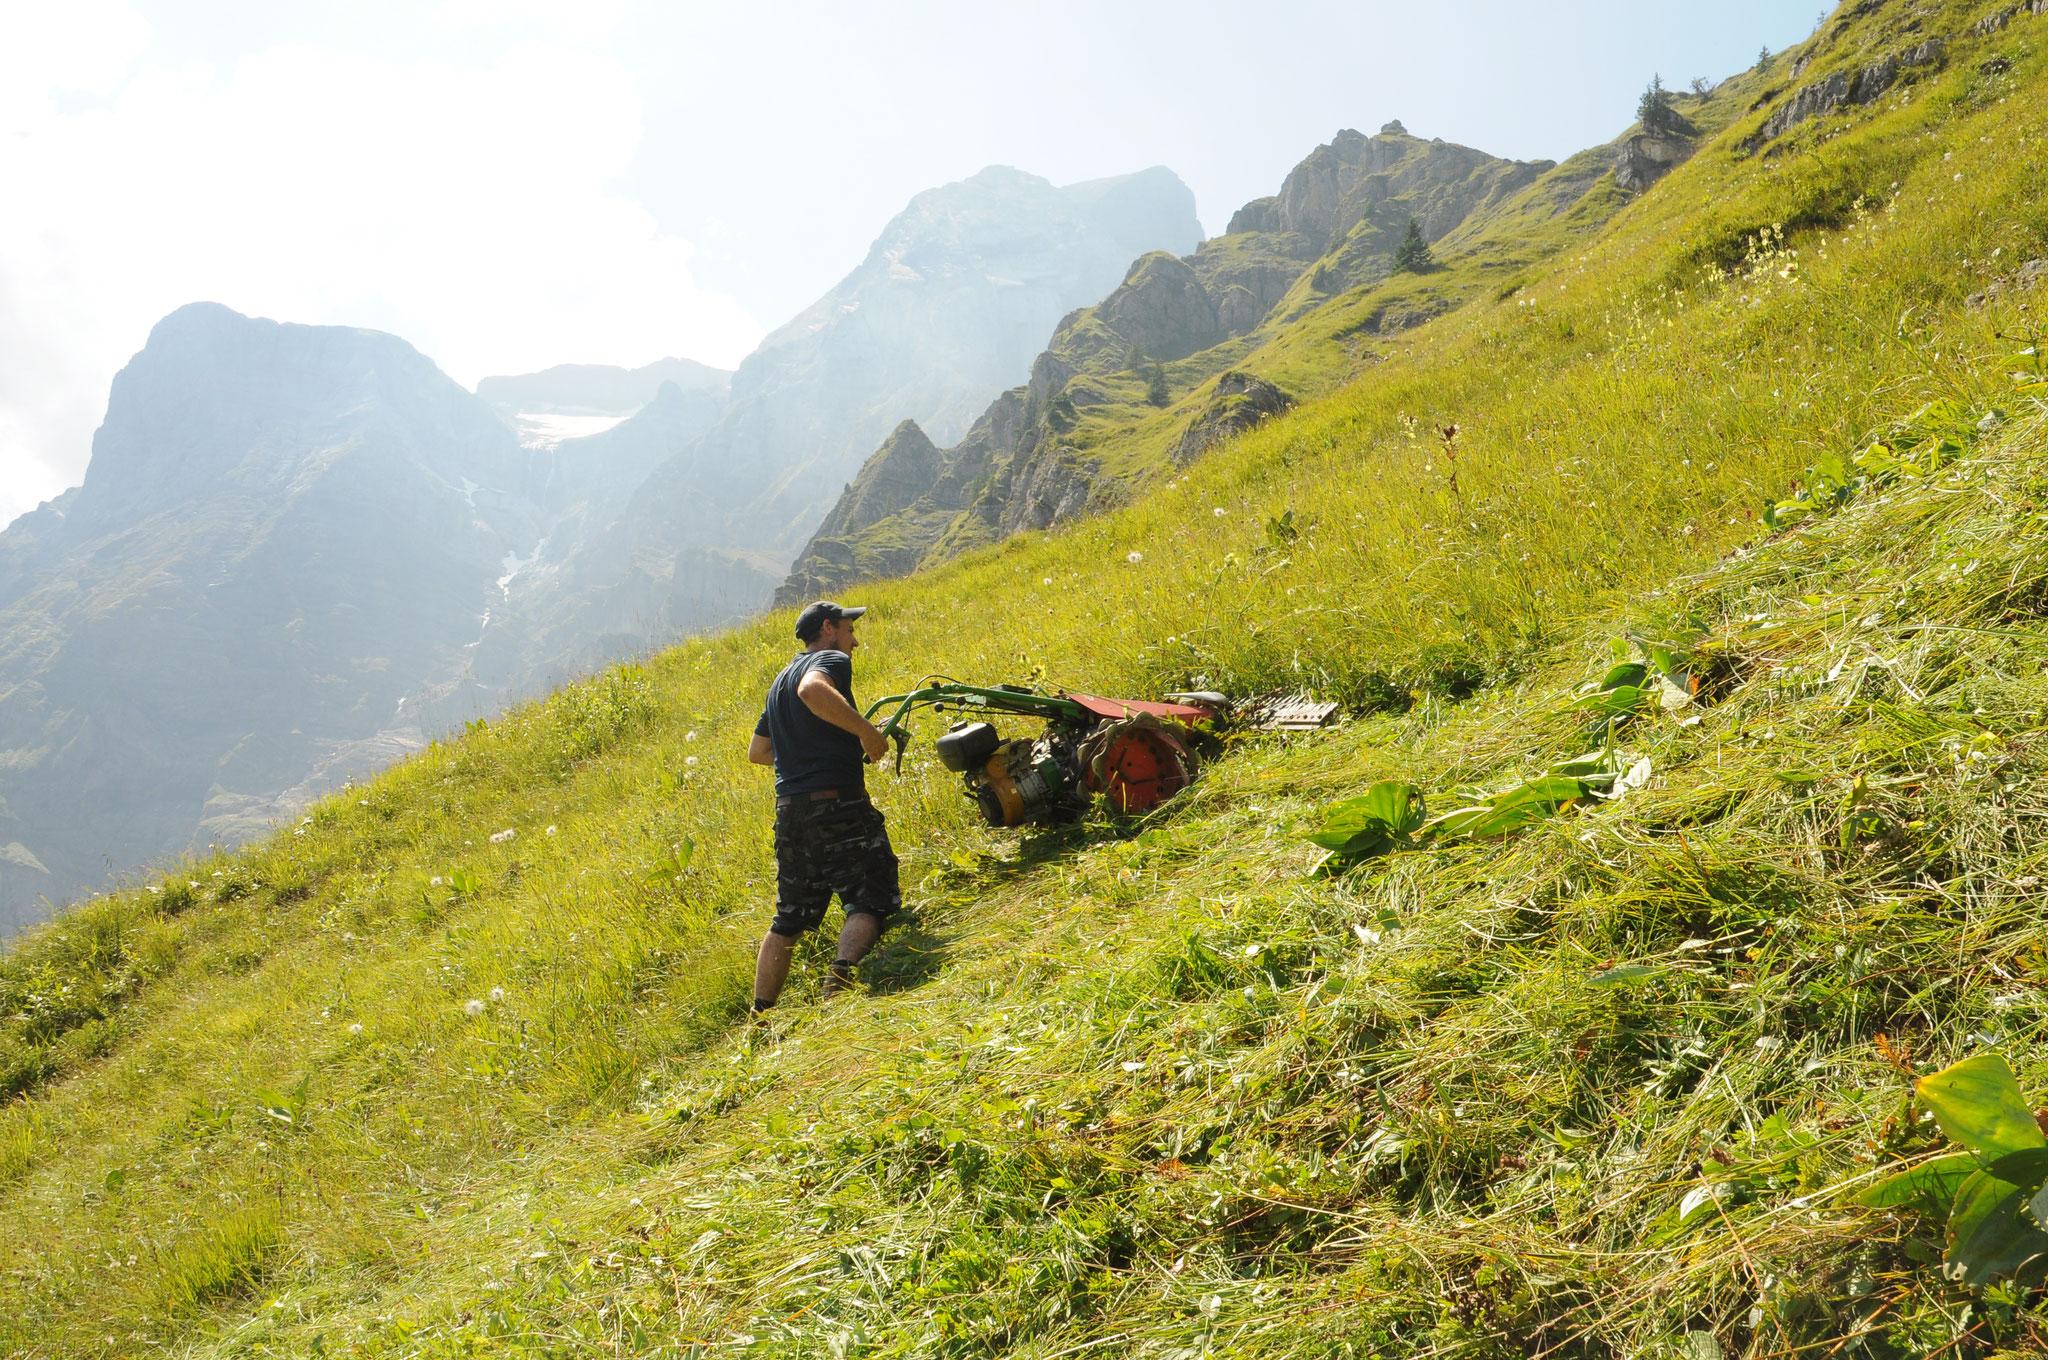 Im steilen Gelände wird das Gras gemäht, welches die Kühe nicht erreichen.